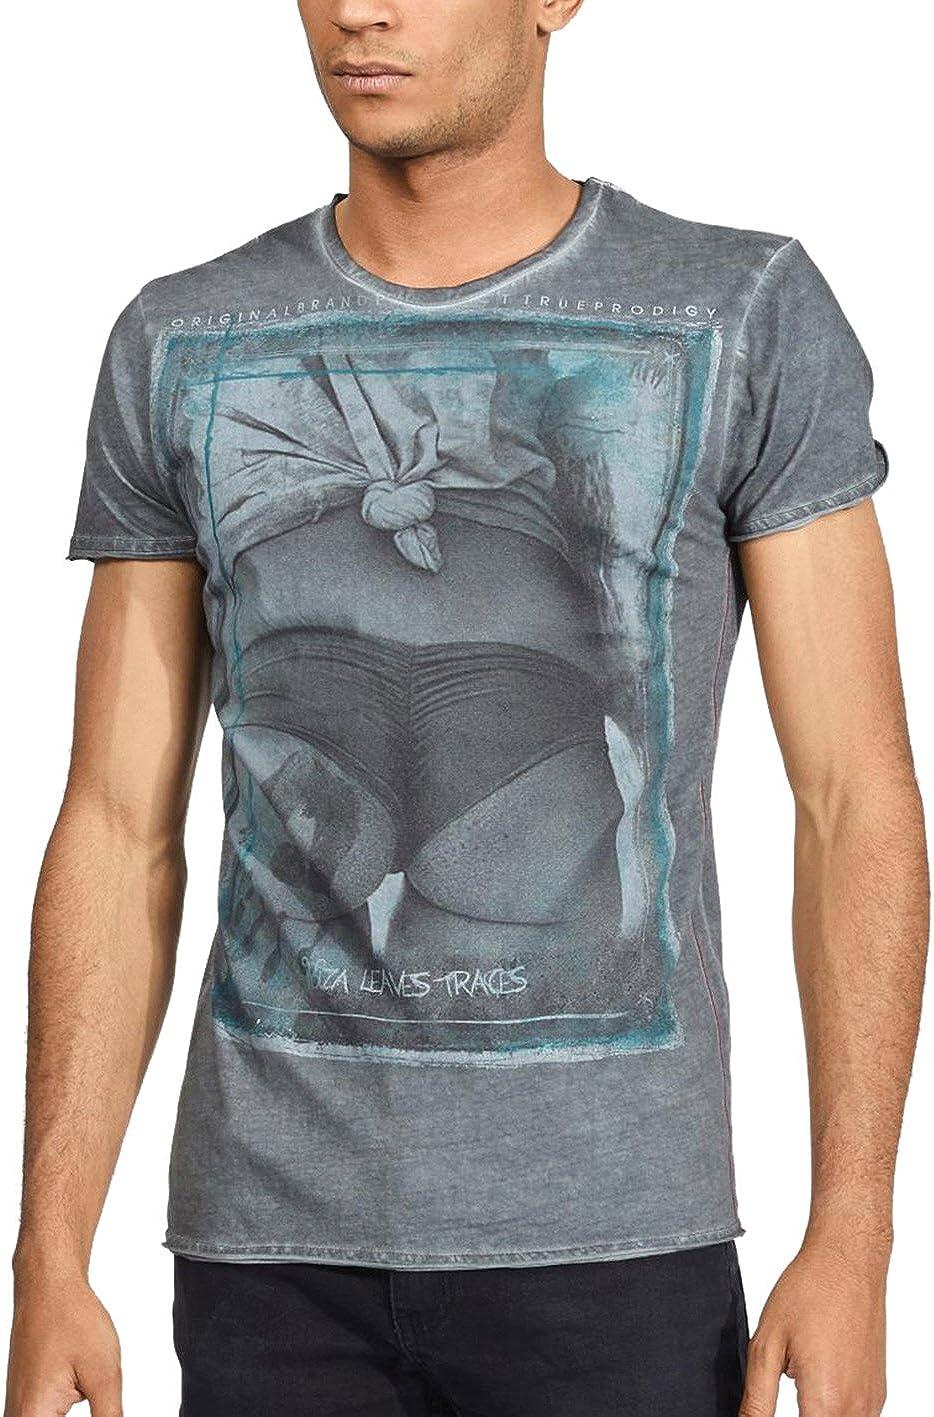 trueprodigy Ibiza Leaves Traces Camiseta para Hombre